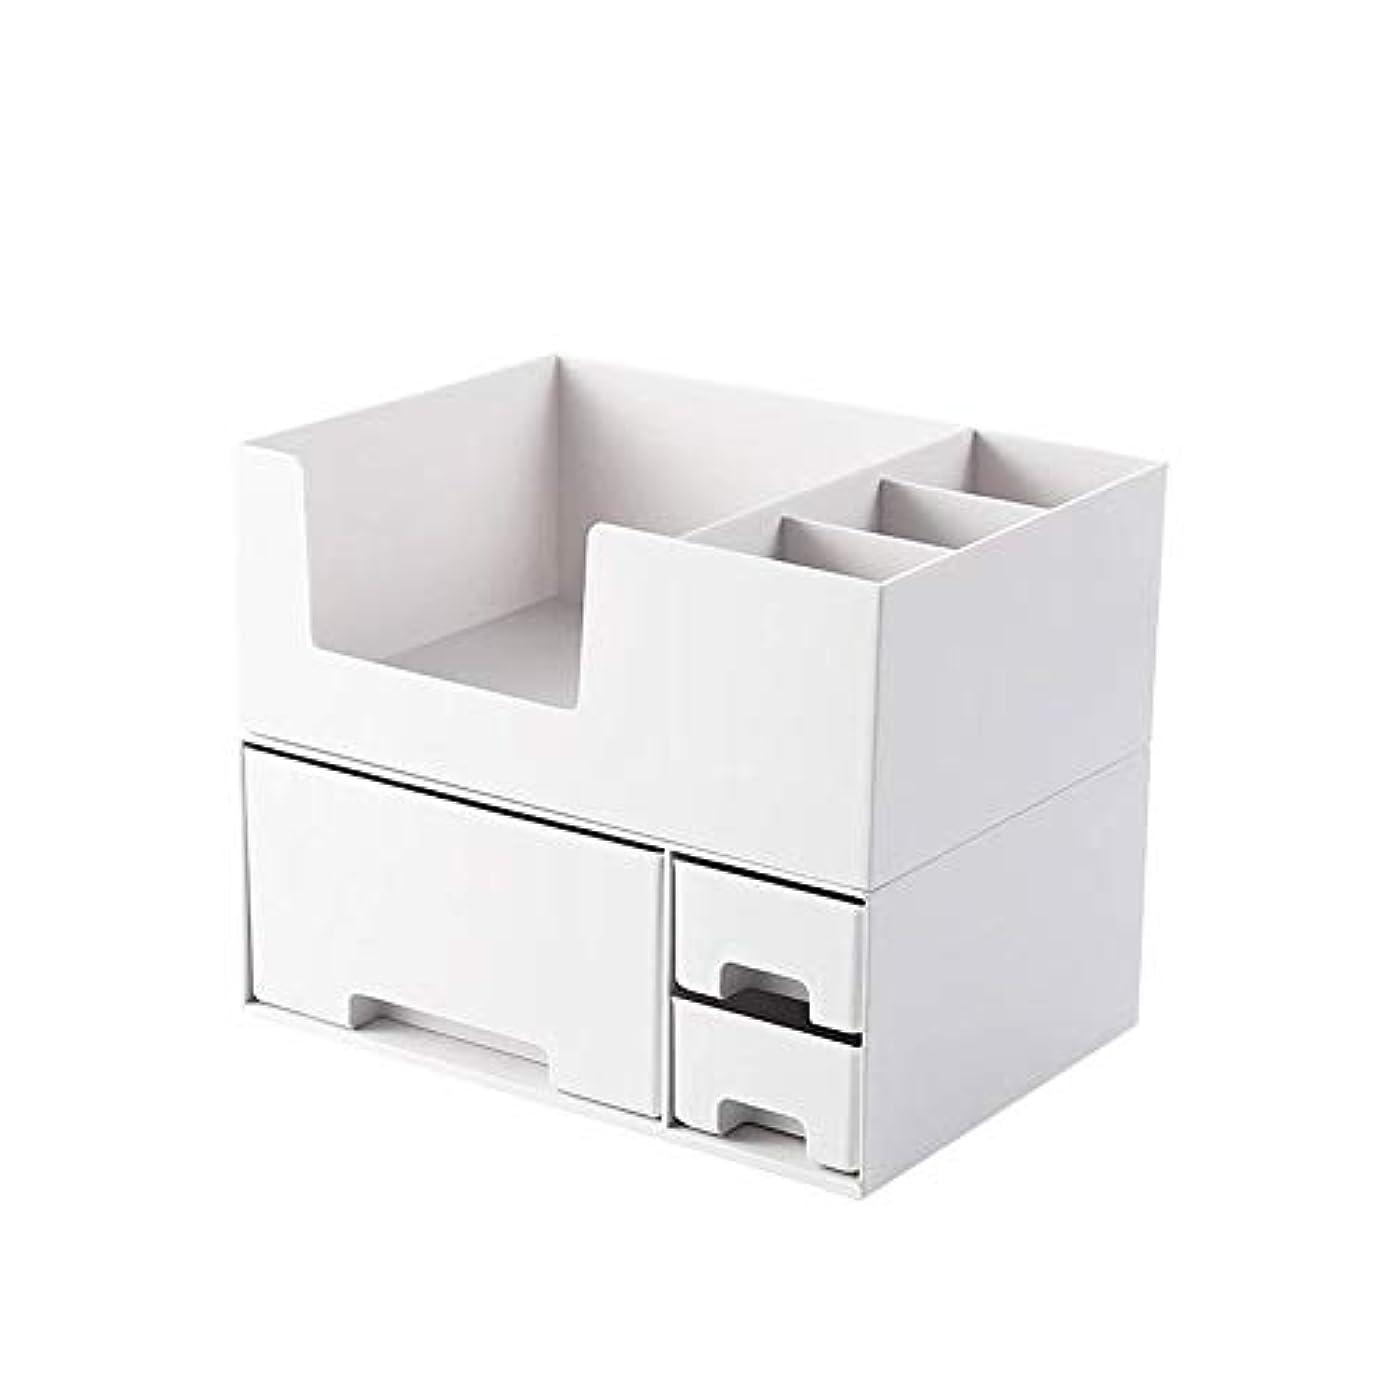 ロマンス手を差し伸べる成熟Bostar 化粧品収納ボックス メイクボックス コスメケース 引き出し 小物入れ 収納ケース 整理簡単 北欧 おしゃれ ホワイト